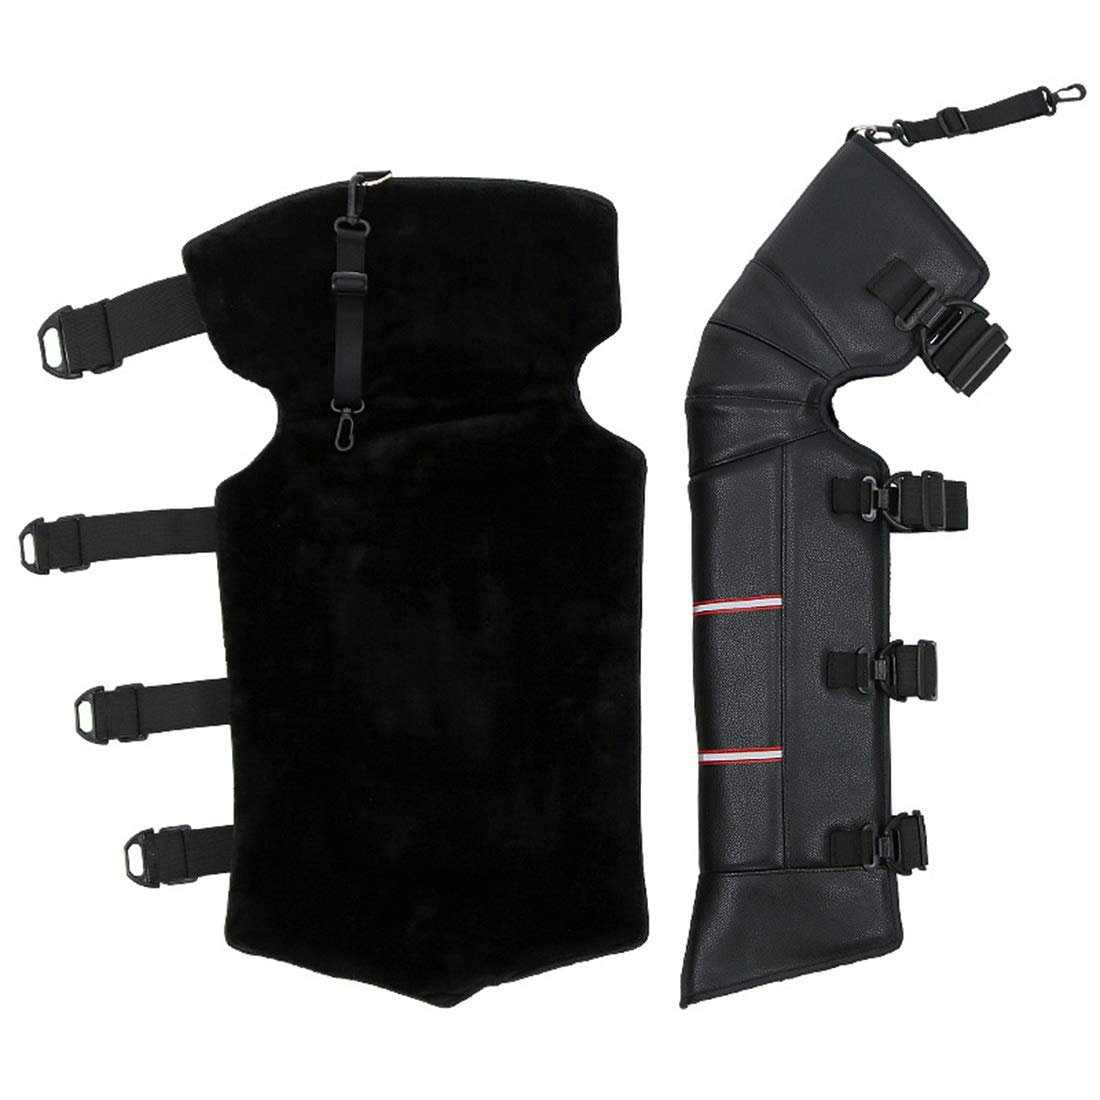 nero protezione di sicurezza di qualit/à multifunzione supporto professionale Ripristino mo Protezioni per gambe Long Knee Pad Nero regolabile protettivo PU impermeabile antivento parastinchi per moto